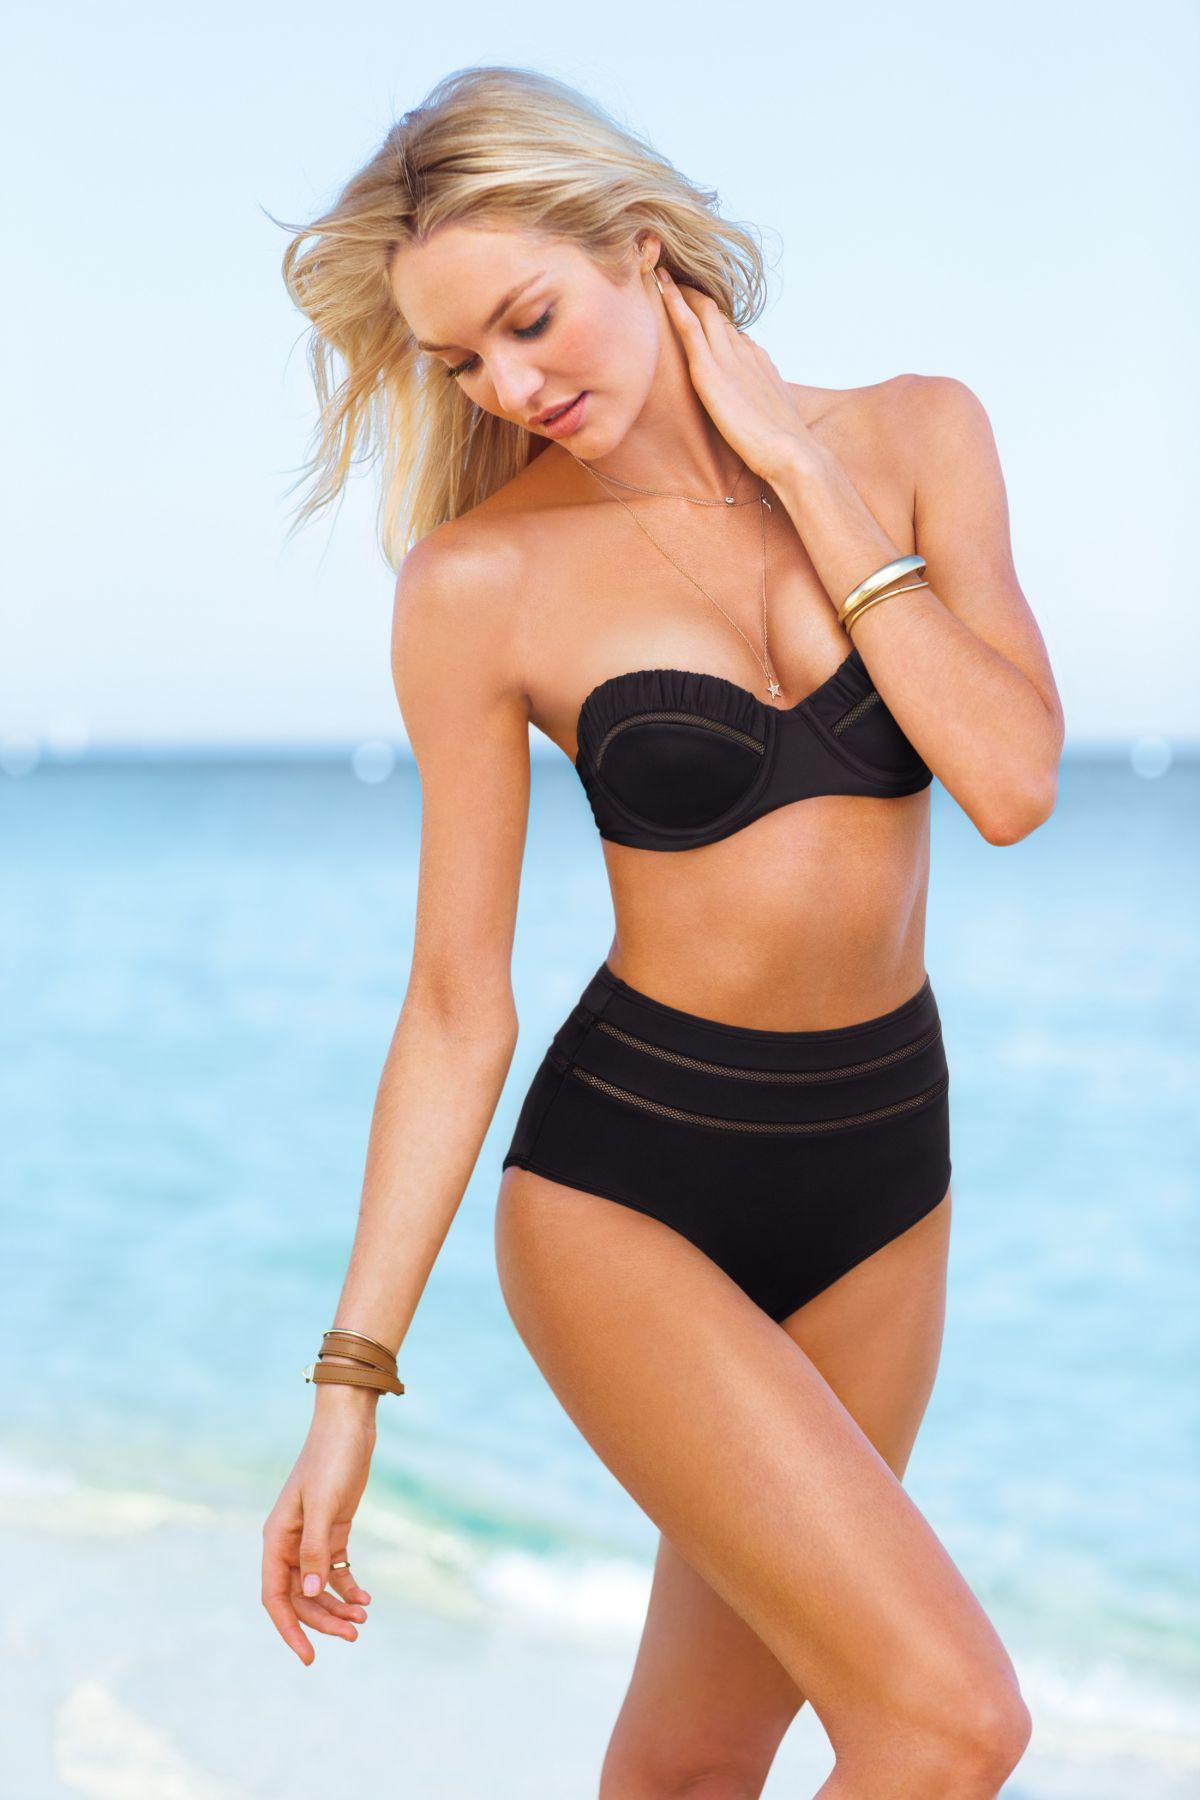 Hóa ra đây là mánh khóe giúp người mẫu có vòng 1 căng đầy cả khi diện bikini không dây, và nó không phải là Photoshop - Ảnh 3.